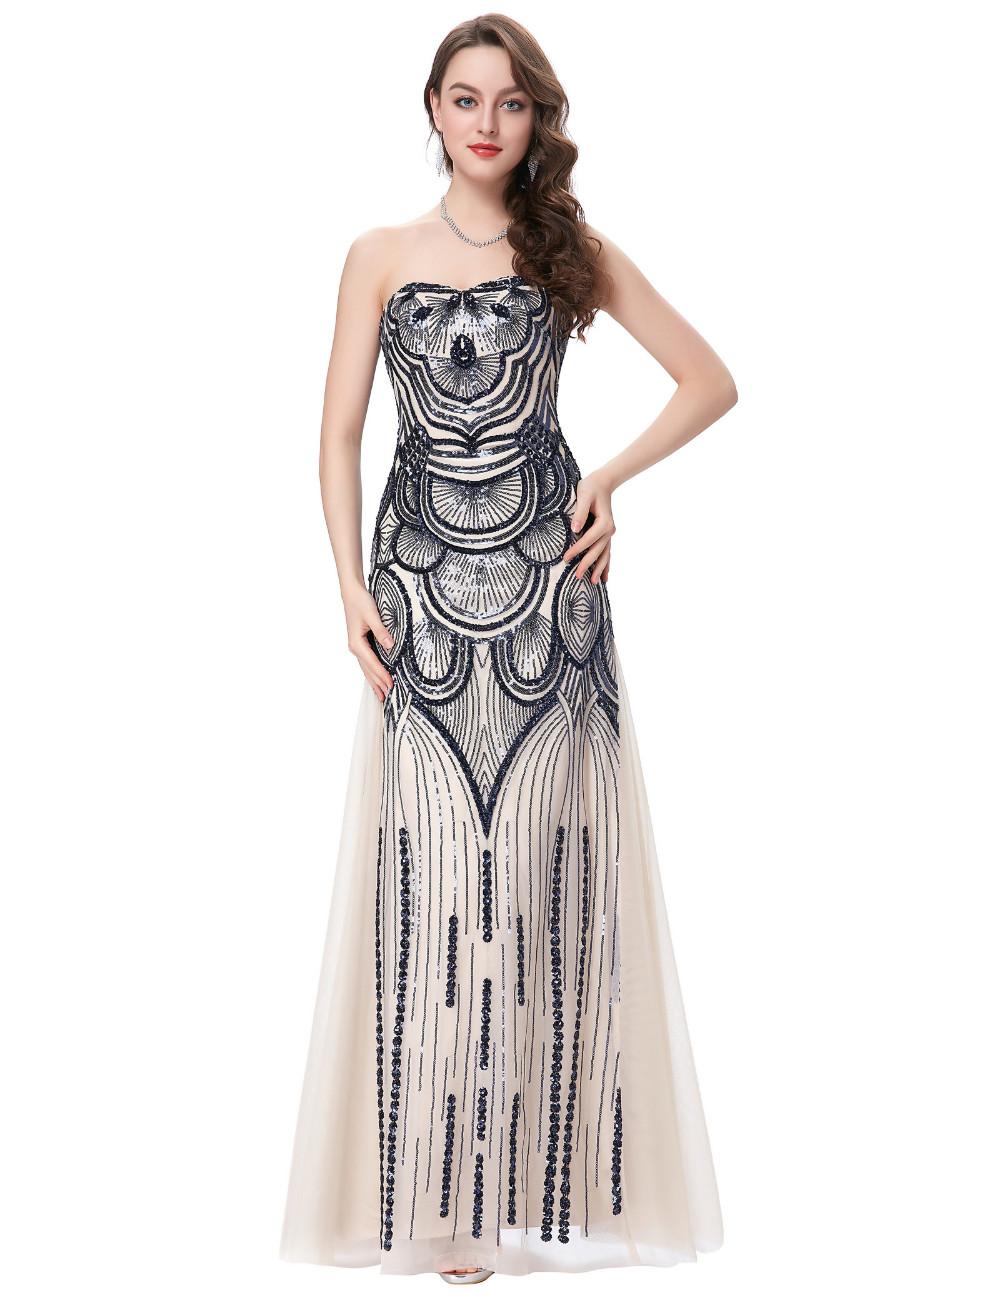 HTB14J7eKFXXXXcdXXXXq6xXFXXXGStrapless Special Occasion Dress